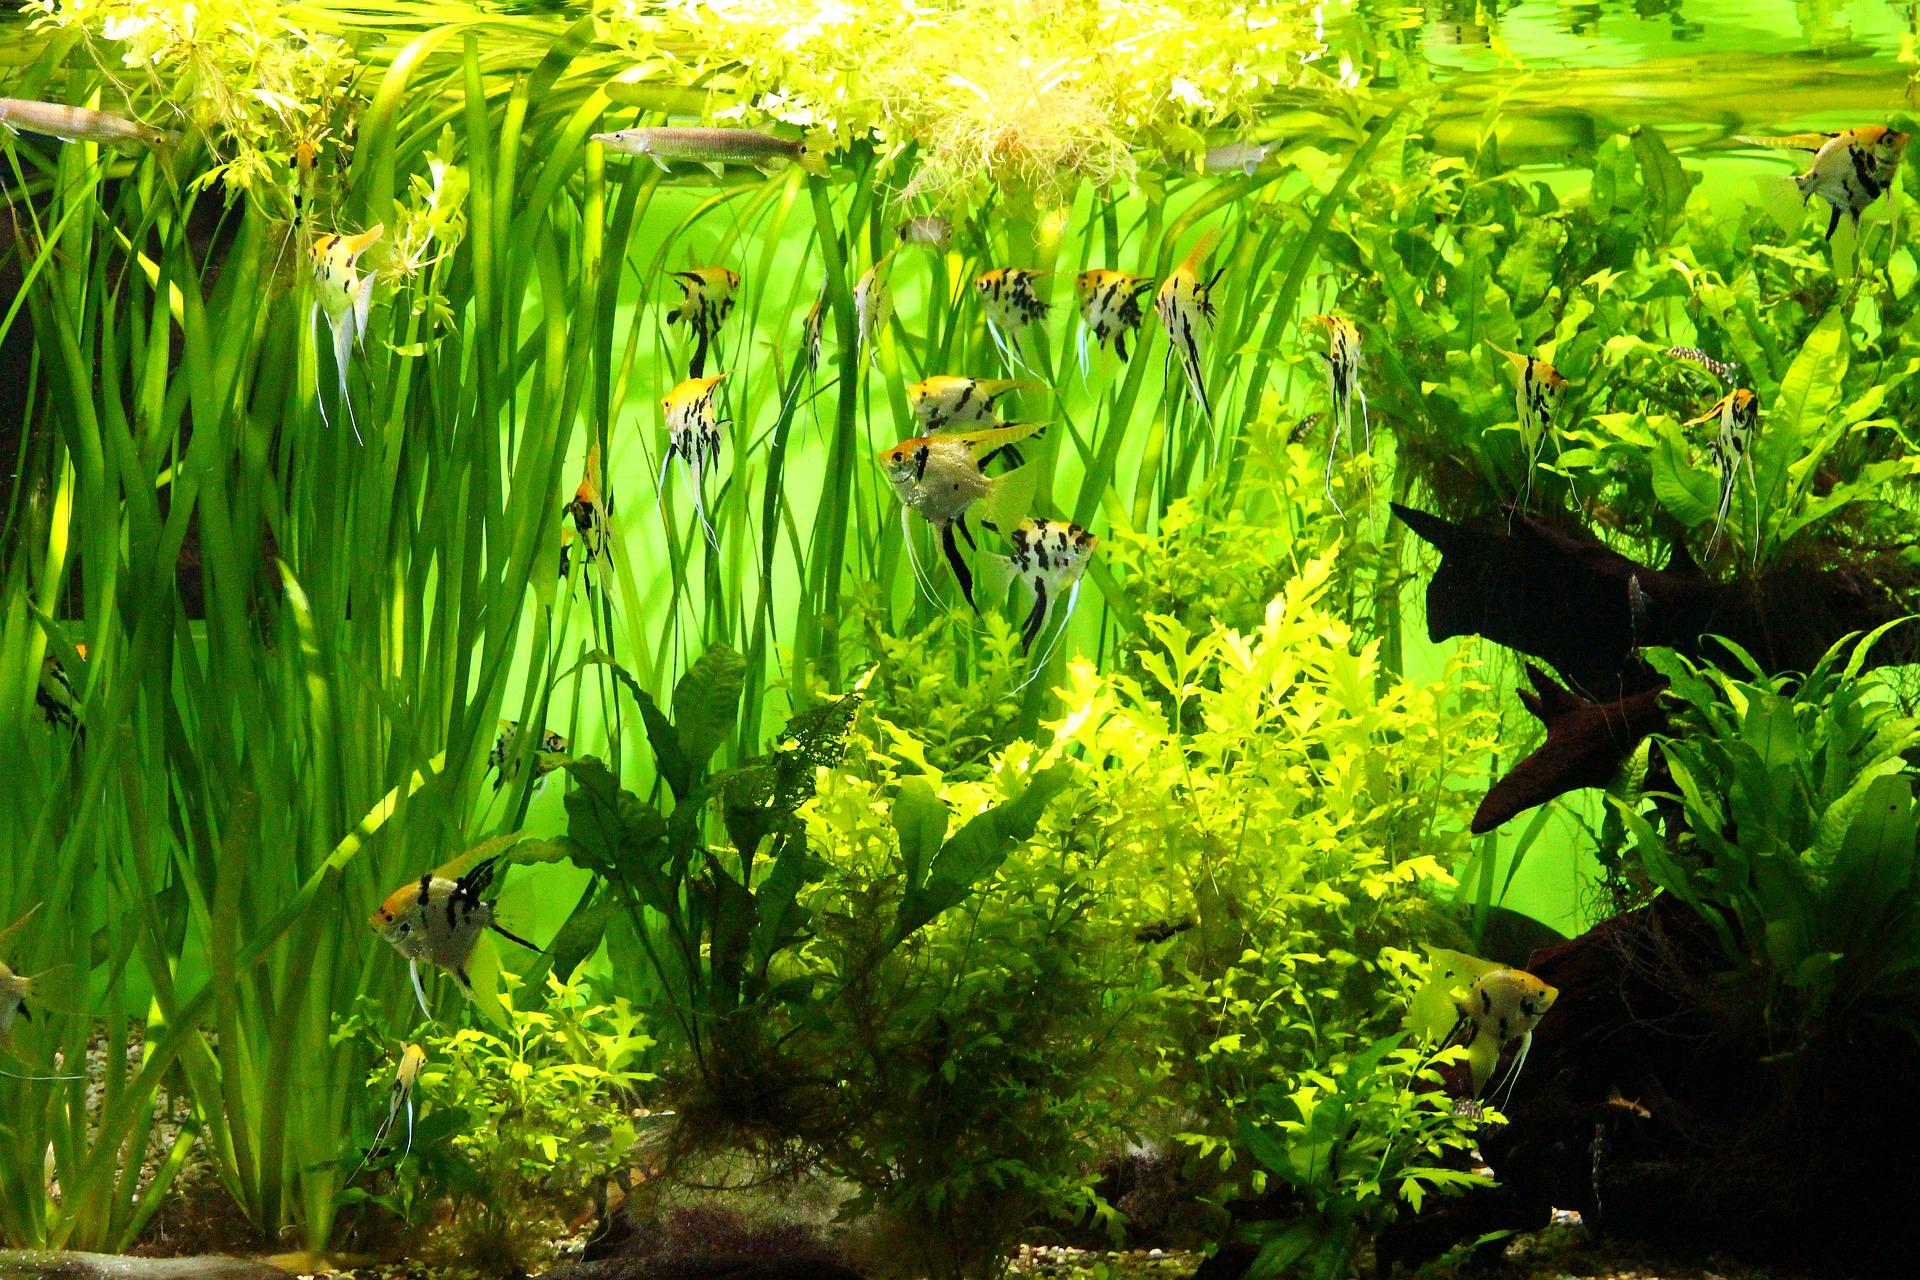 Ryby wśród bujnej, zielonej roślinności akwariowej.